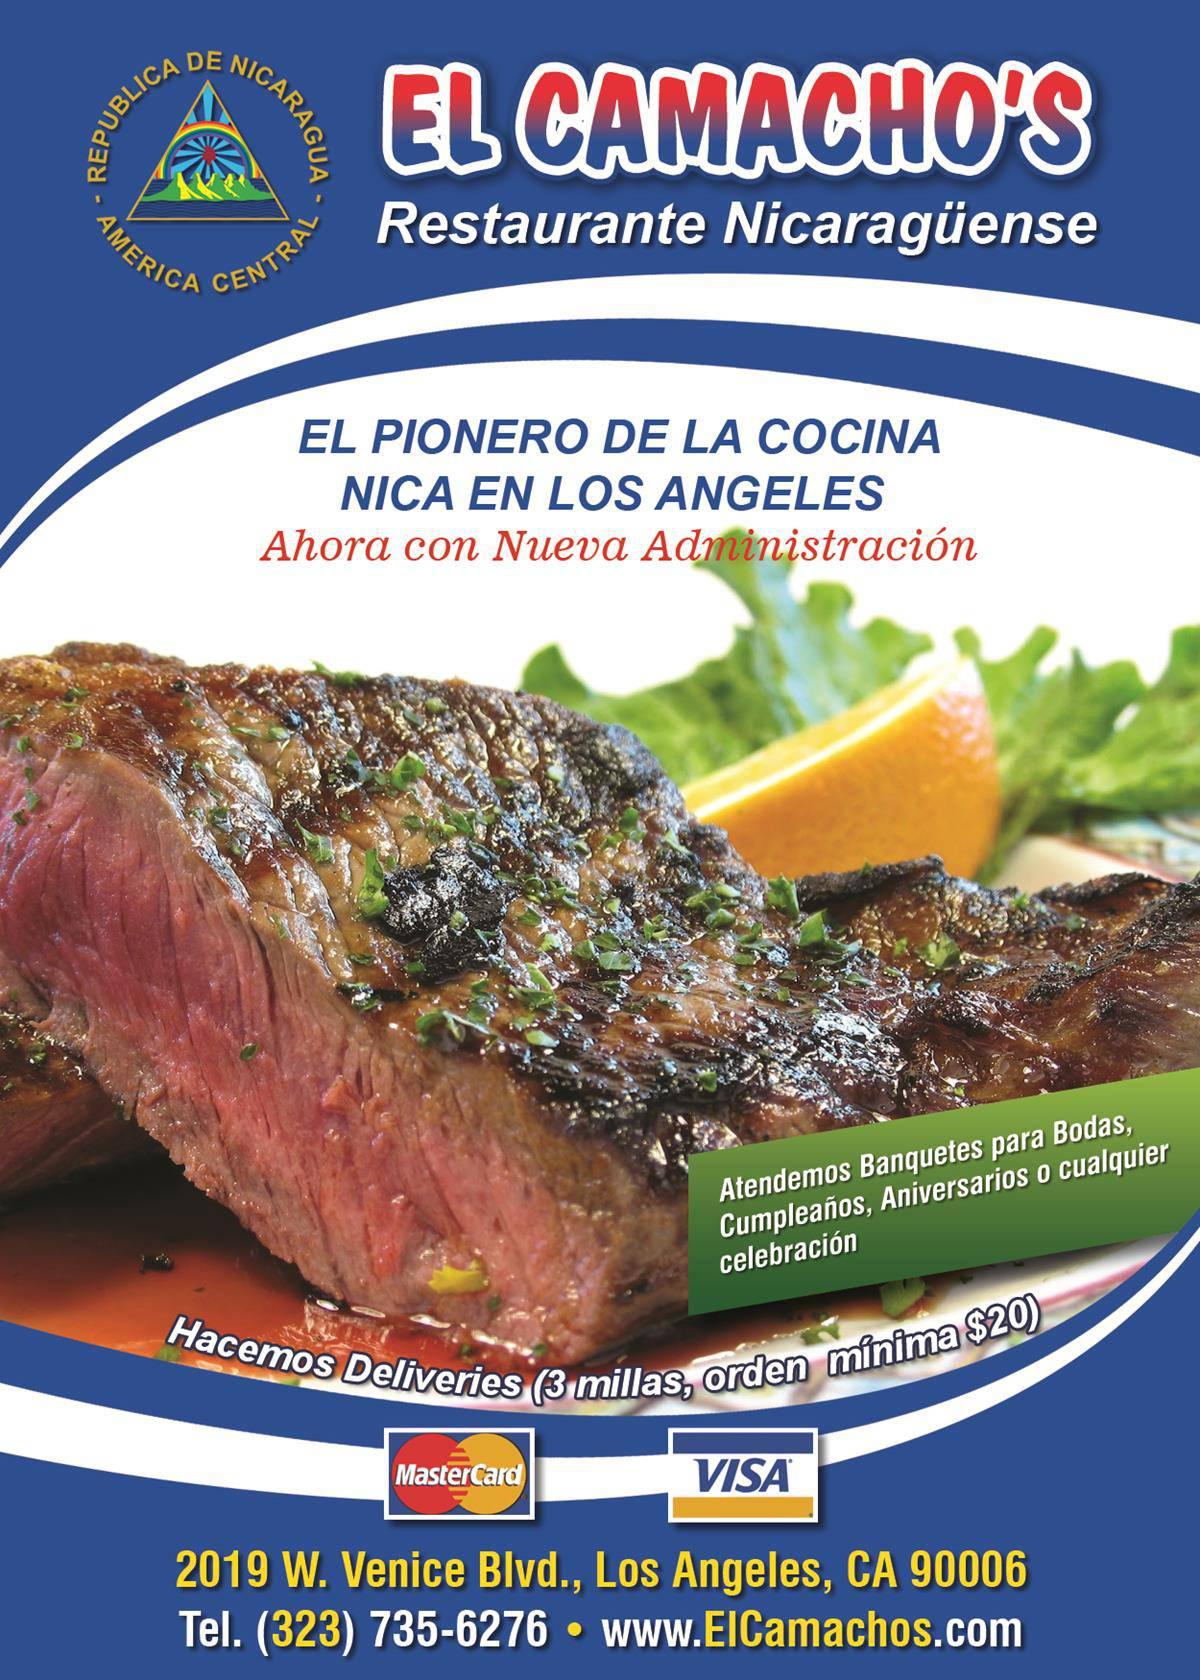 El Camacho's Restaurante